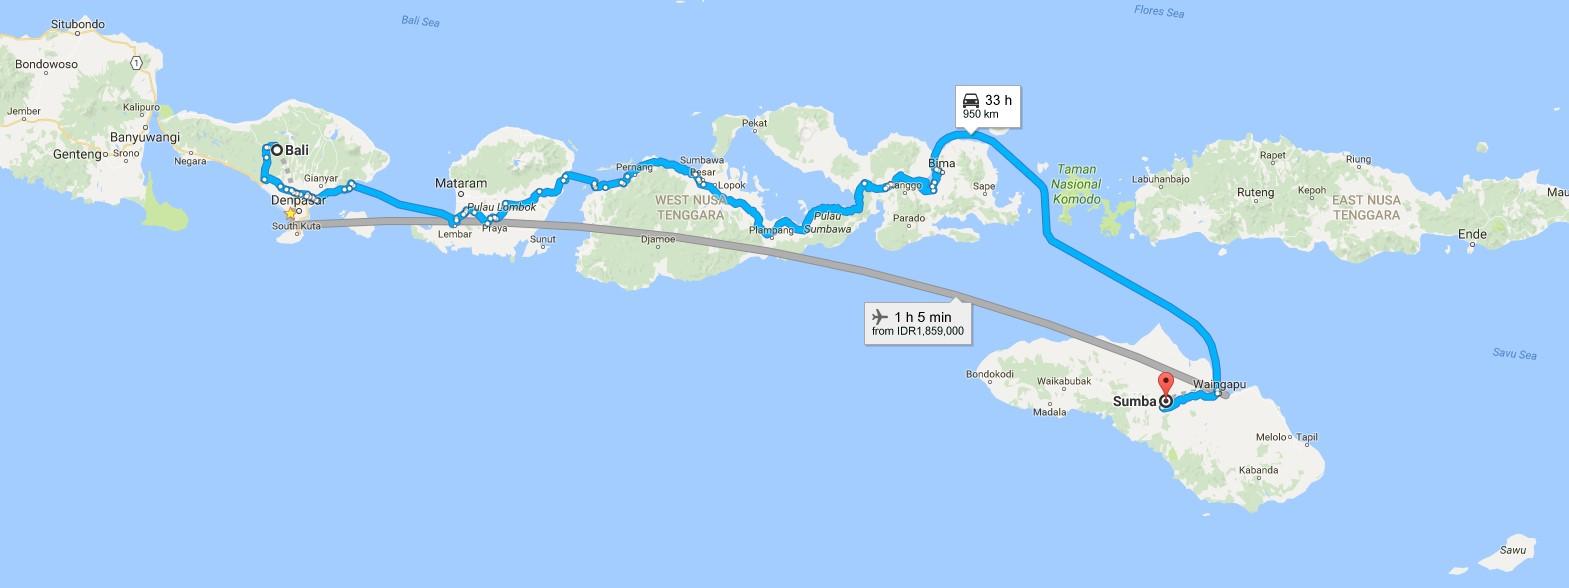 sandybali map bali - sumba island